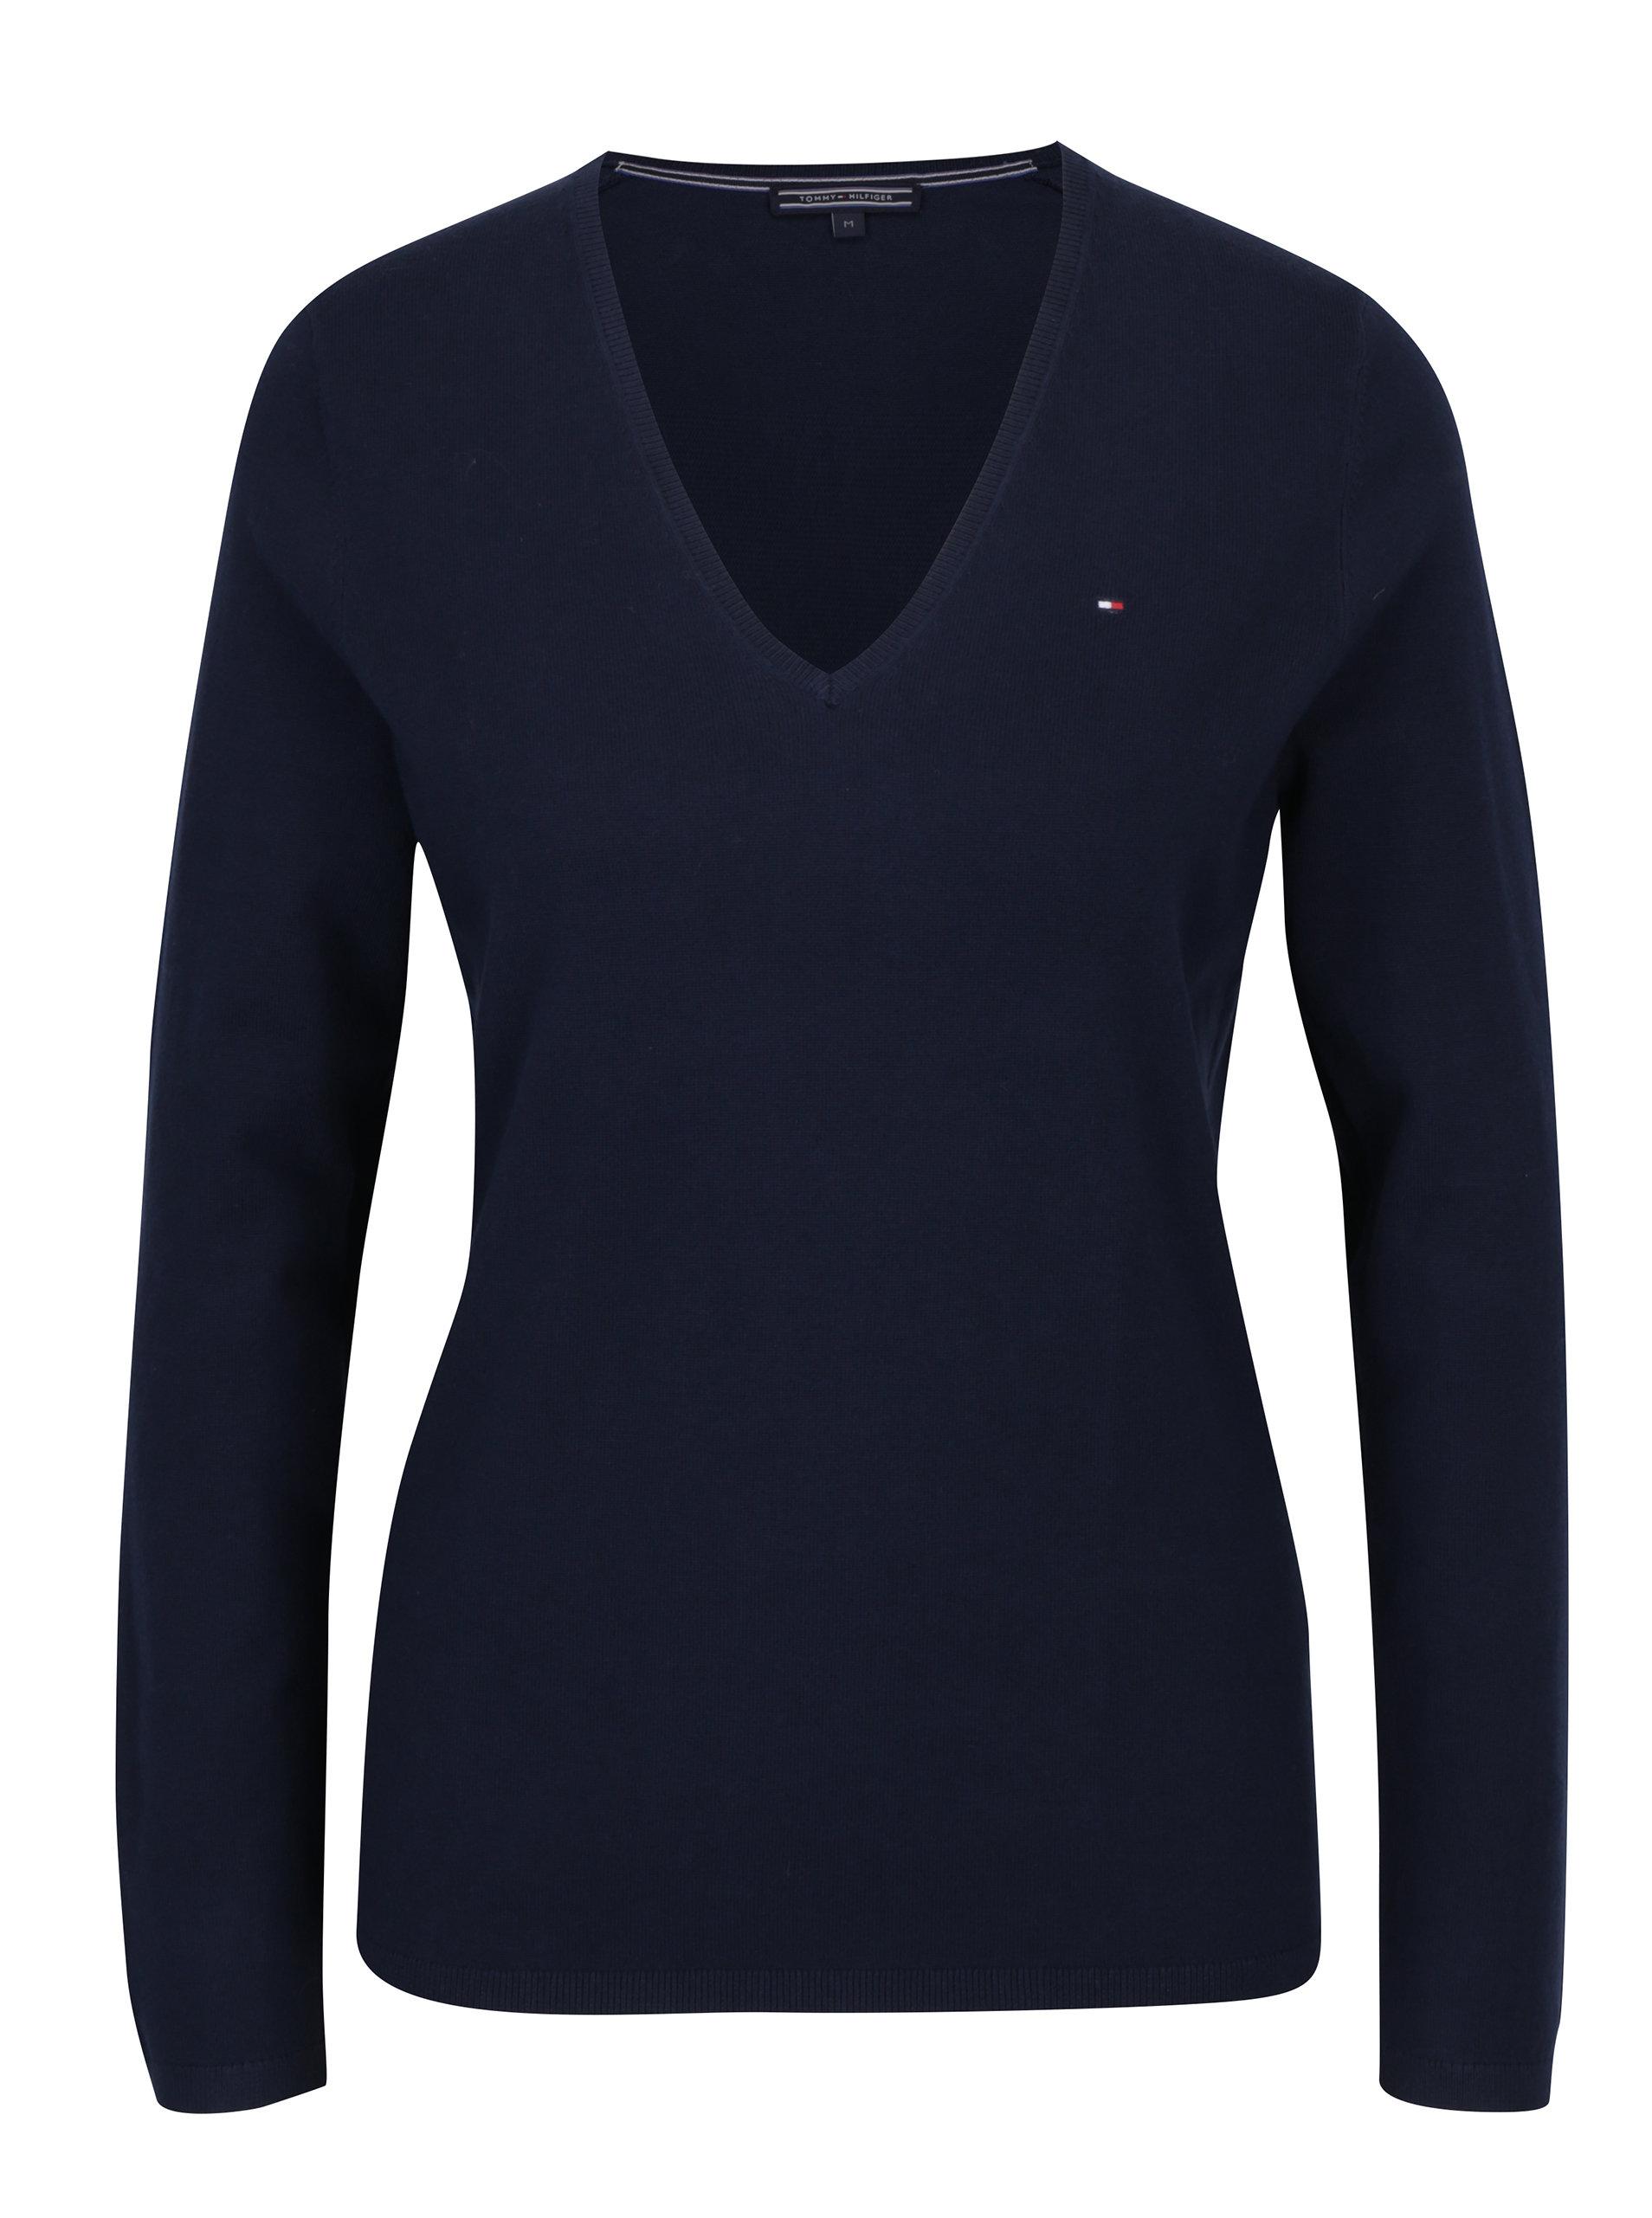 c5ea5701a78 Tmavě modrý dámský svetr s véčkovým výstřihem Tommy Hilfiger New Ivy ...